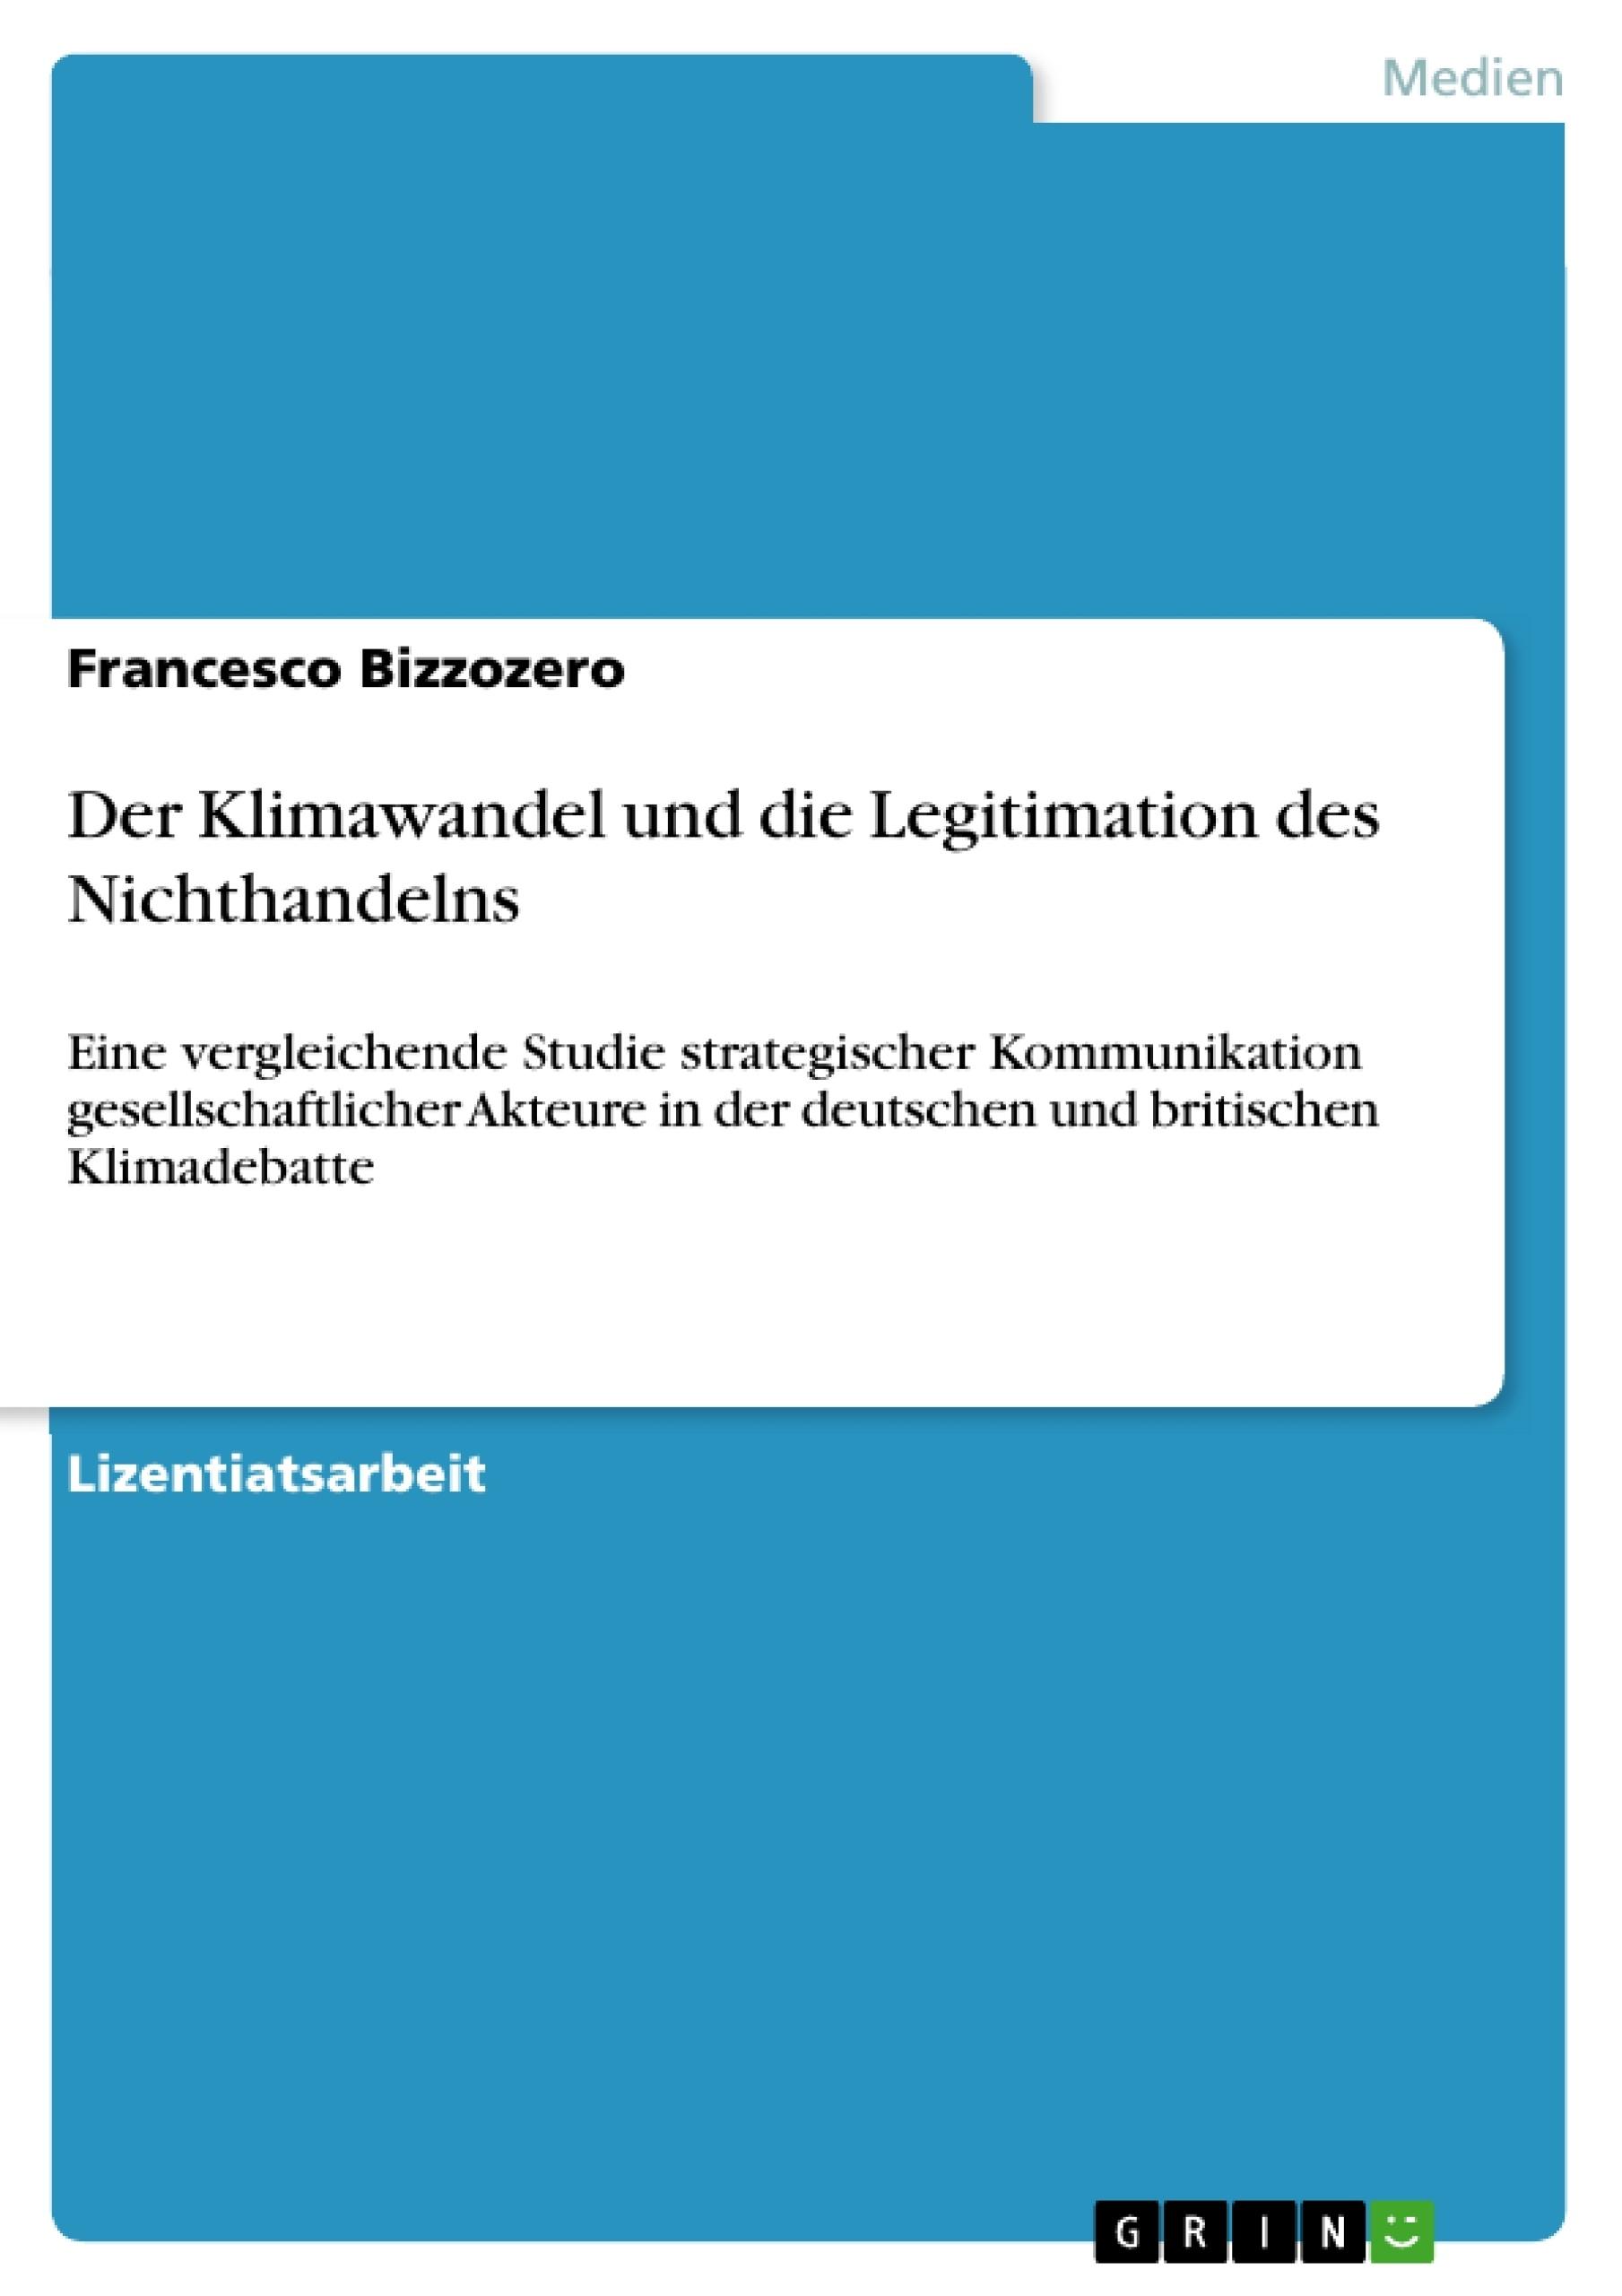 Titel: Der Klimawandel und die Legitimation des Nichthandelns